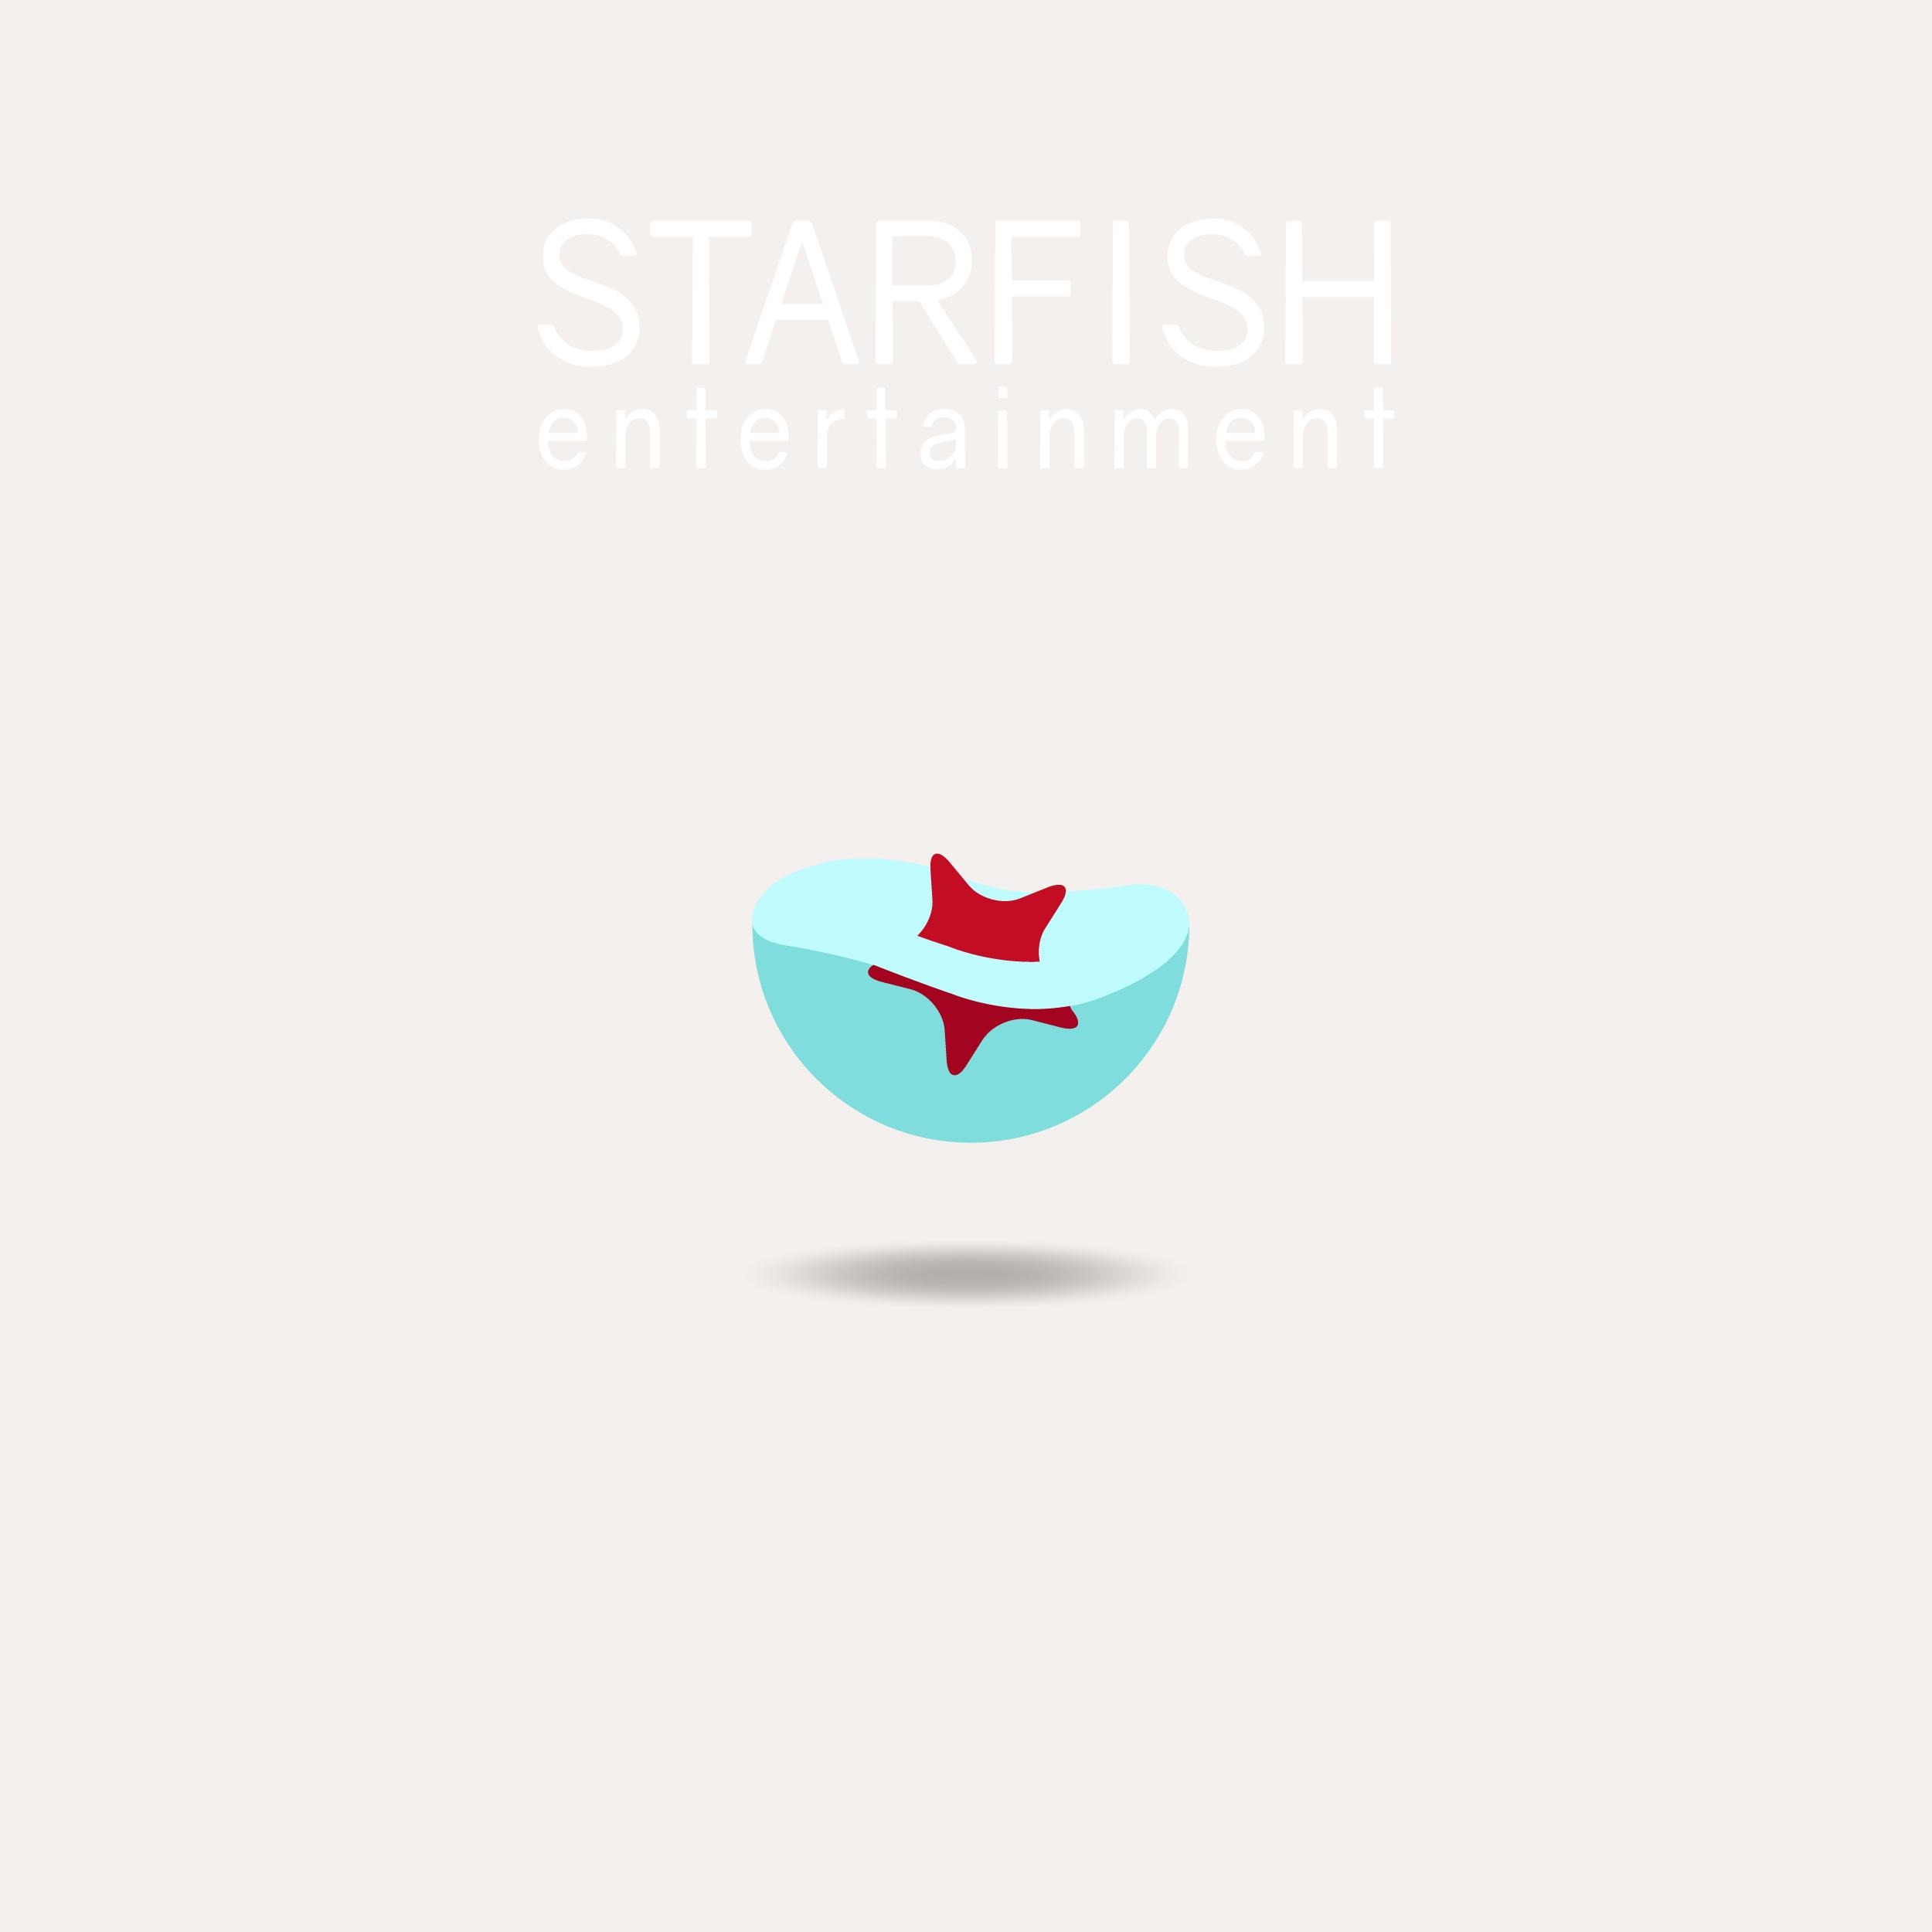 로고 + 명함 | 스타피쉬엔터테인먼트 로고... | 라우드소싱 포트폴리오